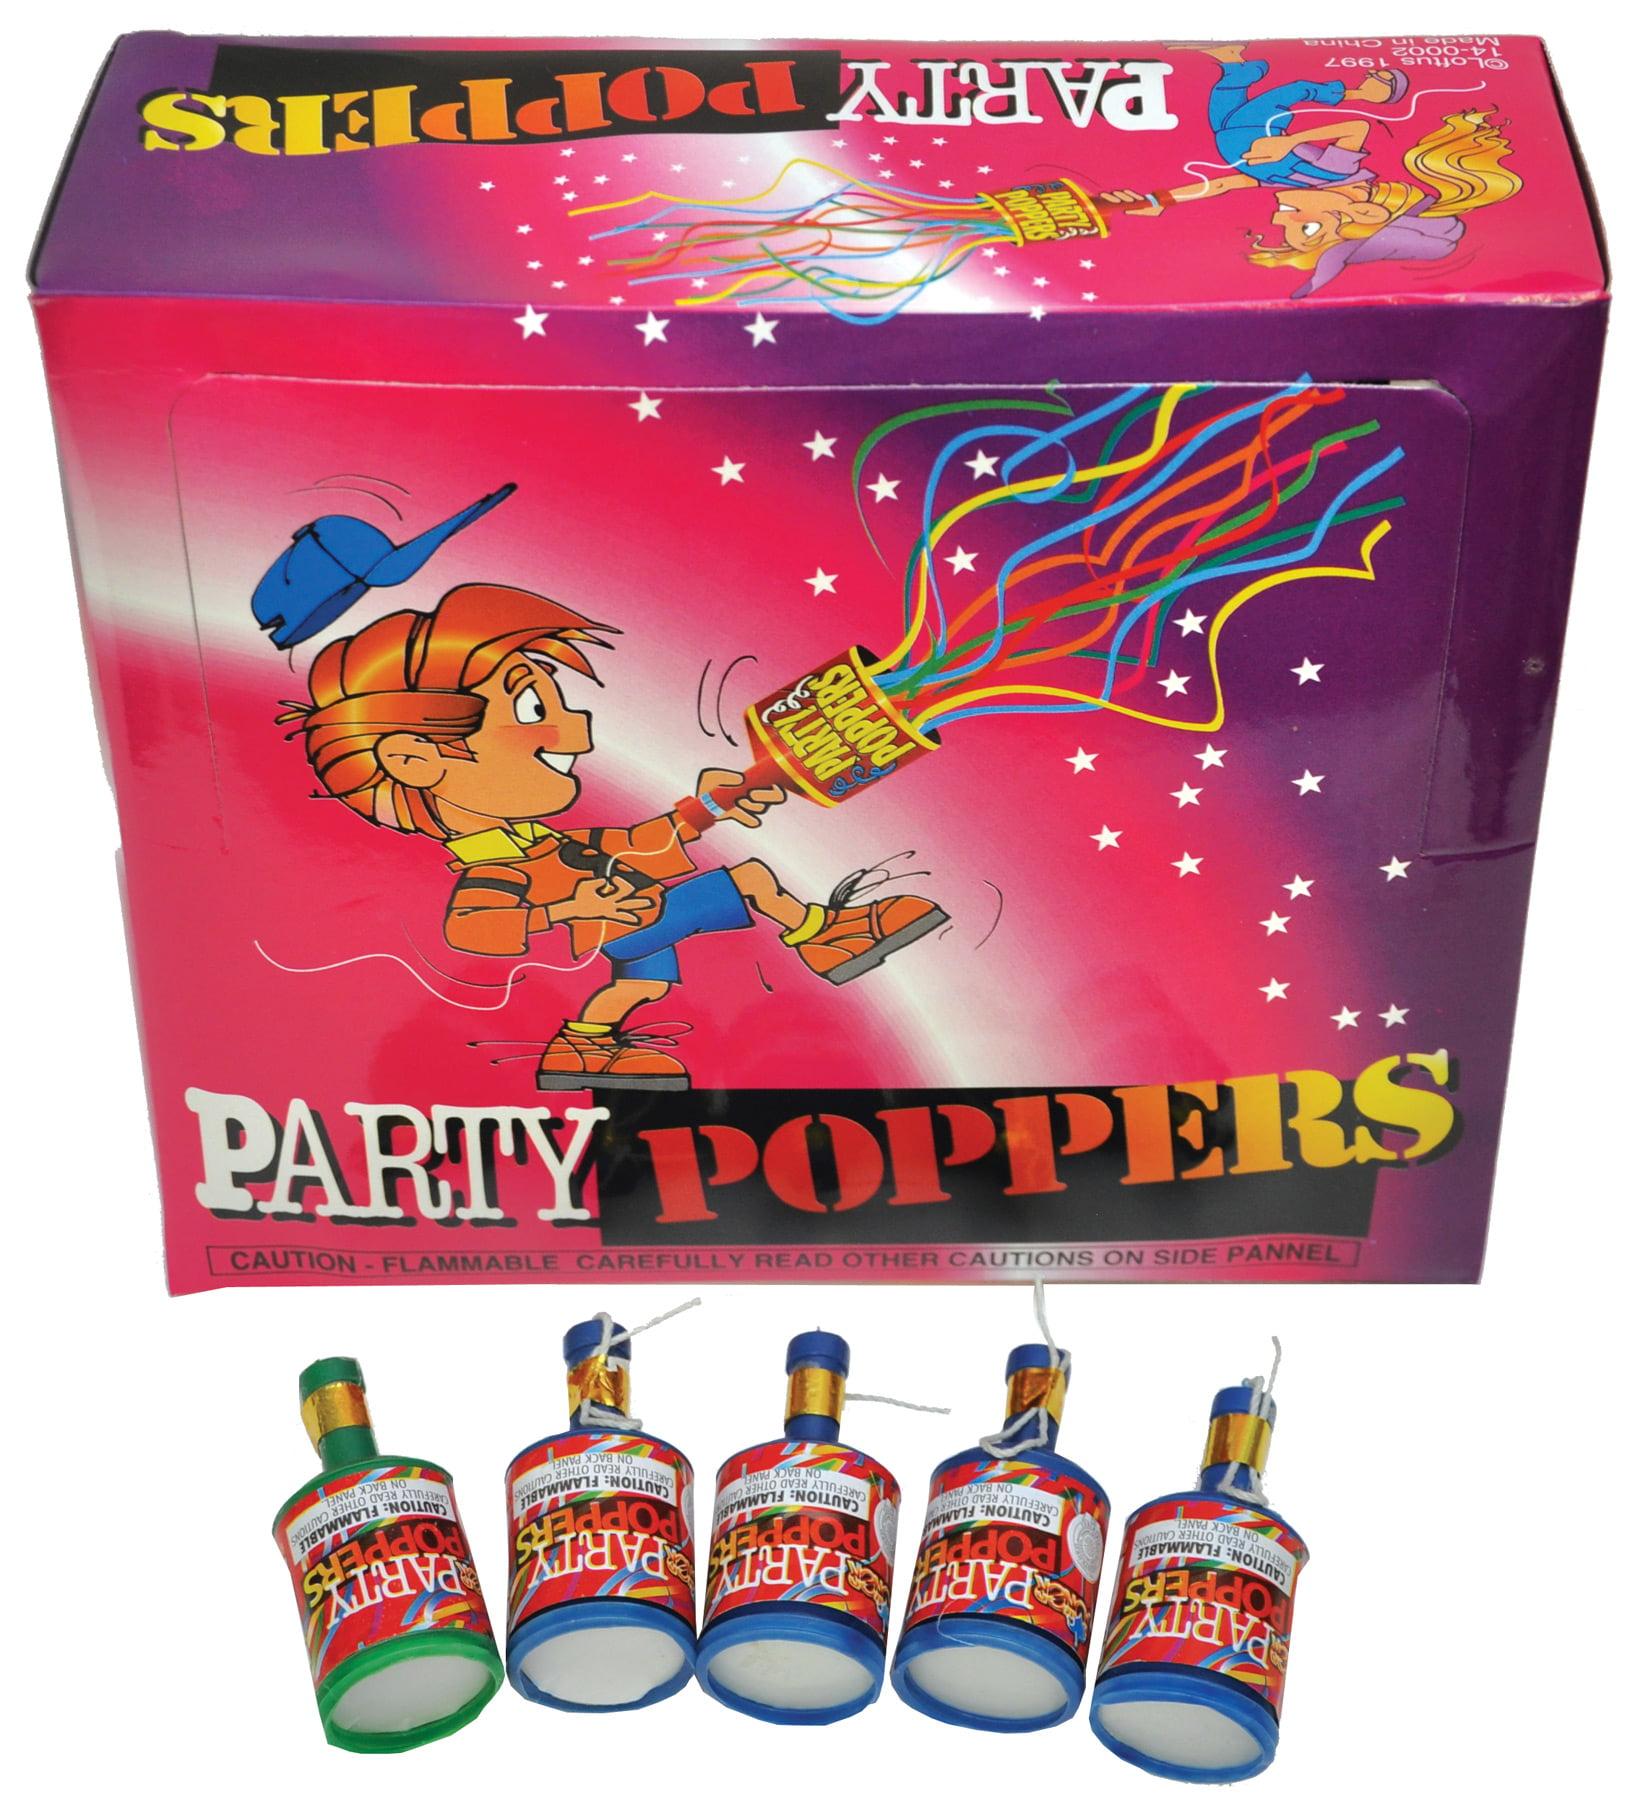 PARTY POPPER PKG OF 72 - Walmart.com - Walmart.com